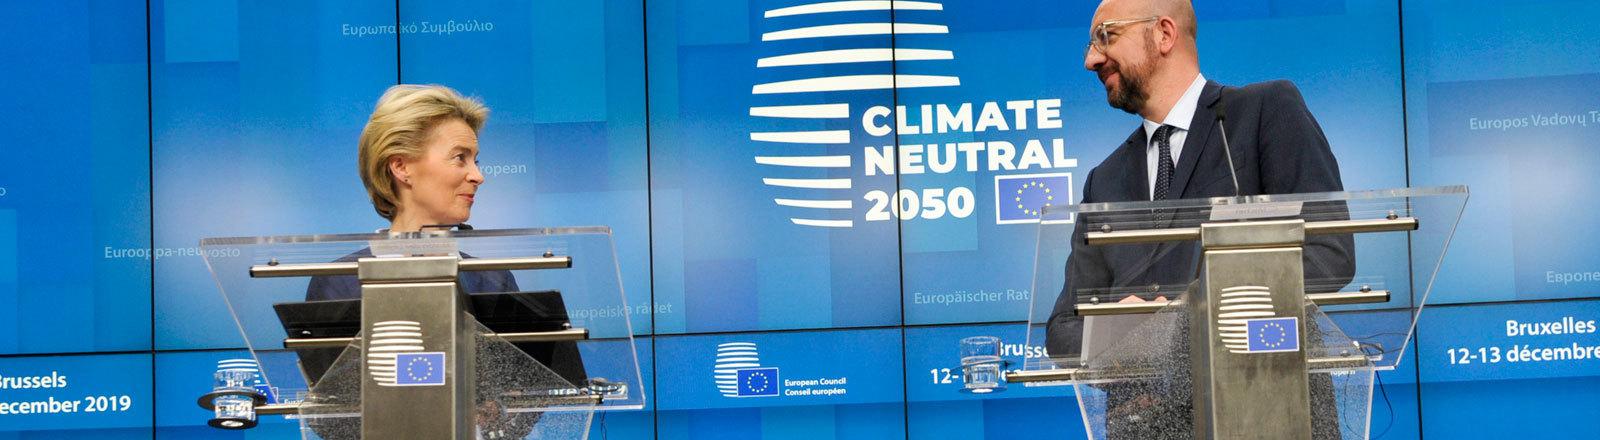 Charles Michel und Ursula von der Leyen bei einer Pressekonferenz vor dem EU-Gipfel (12.12.2019)